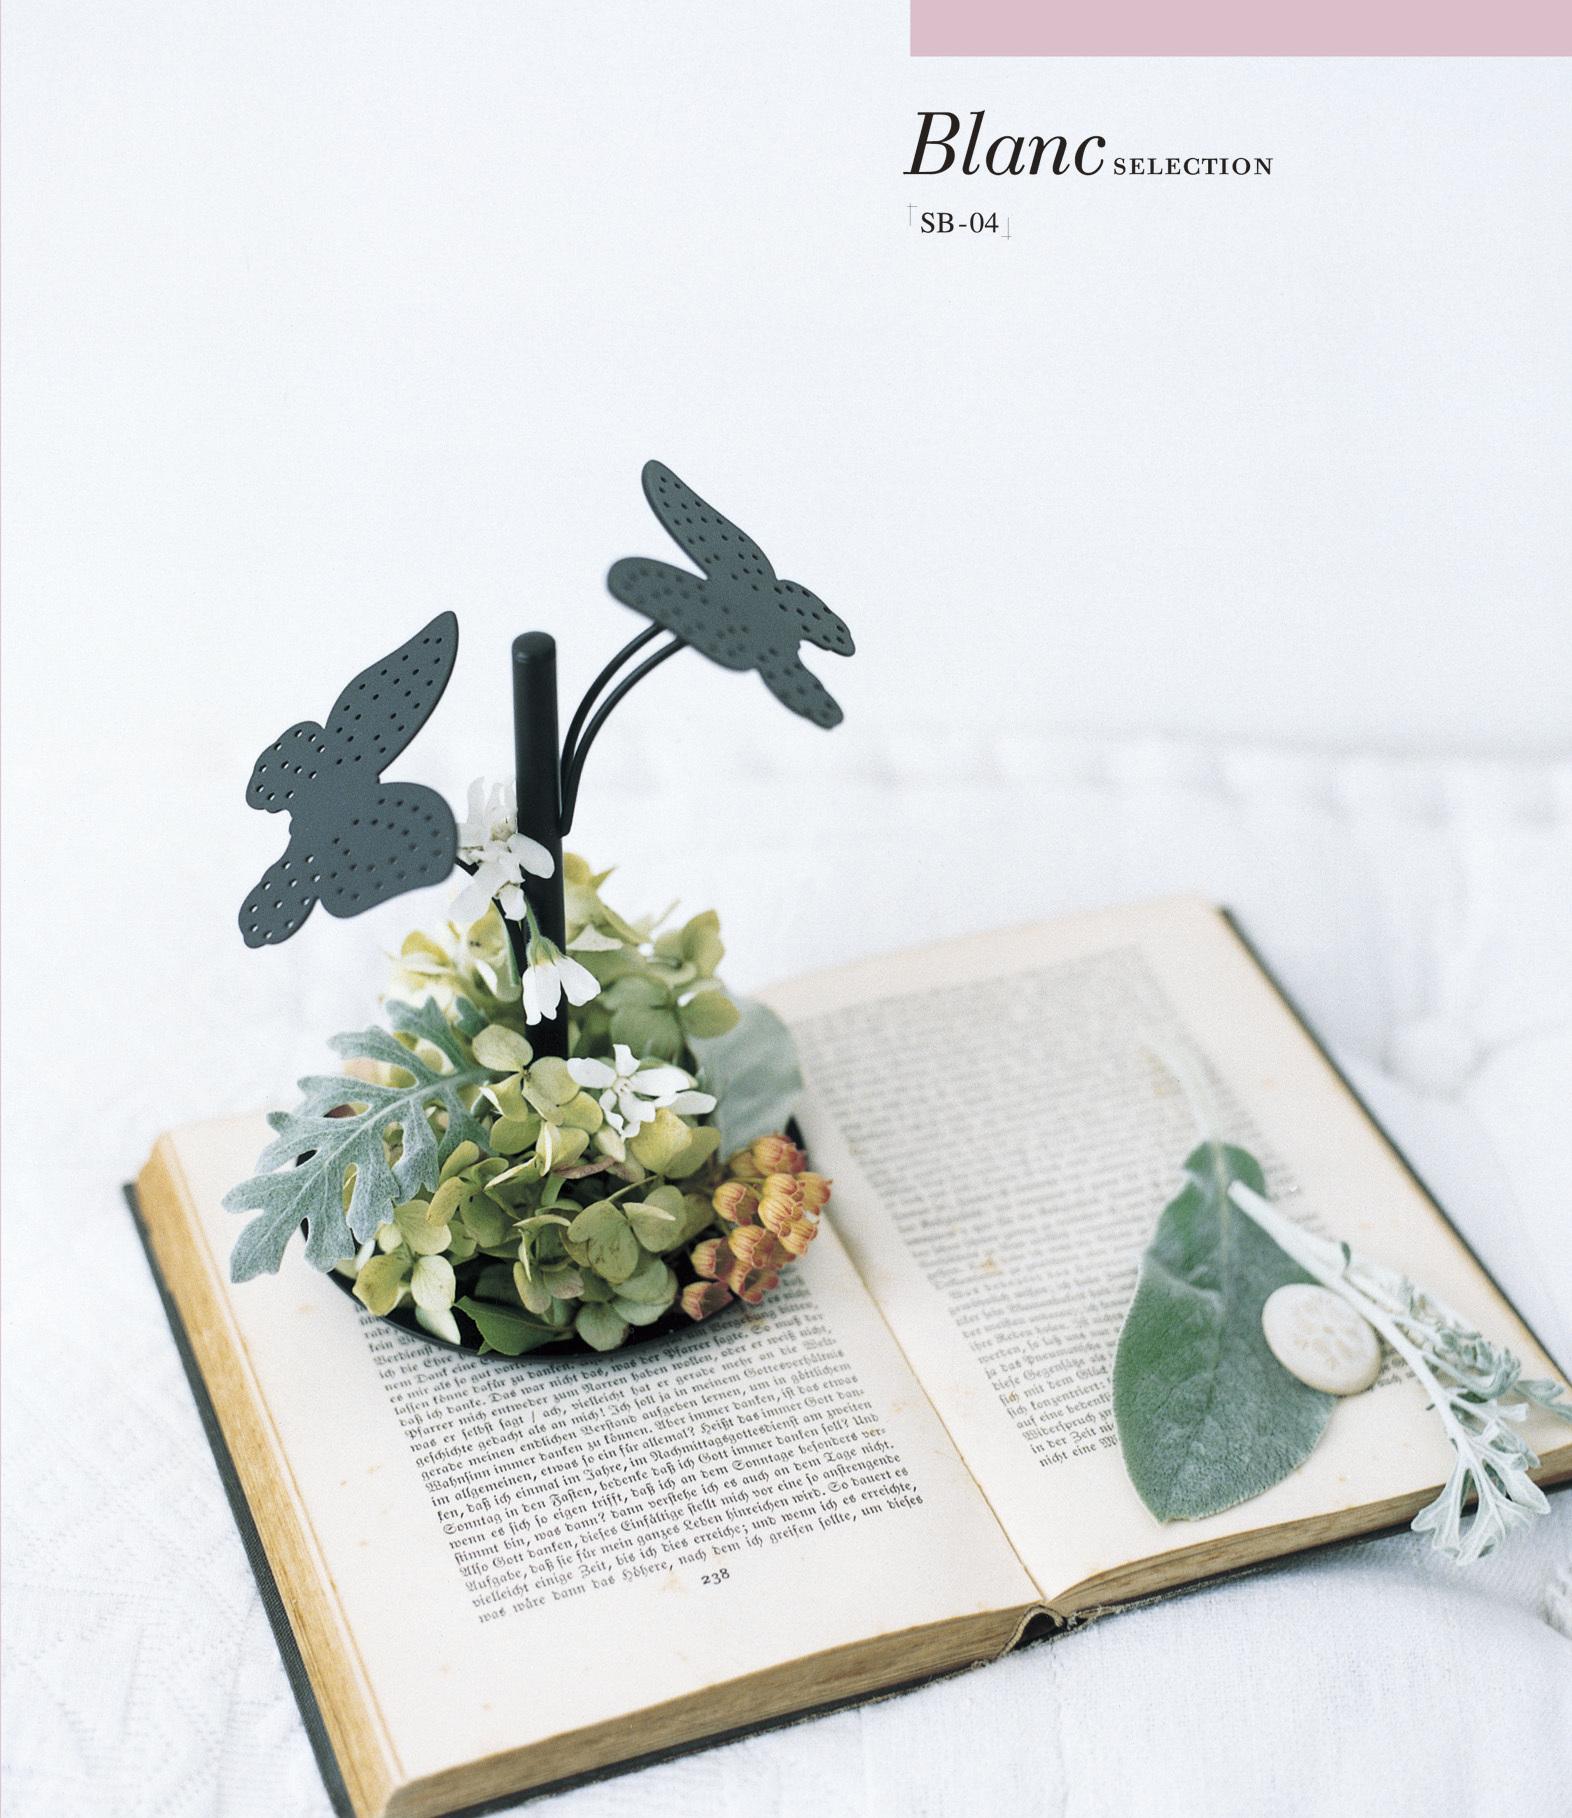 Blanc SB-04